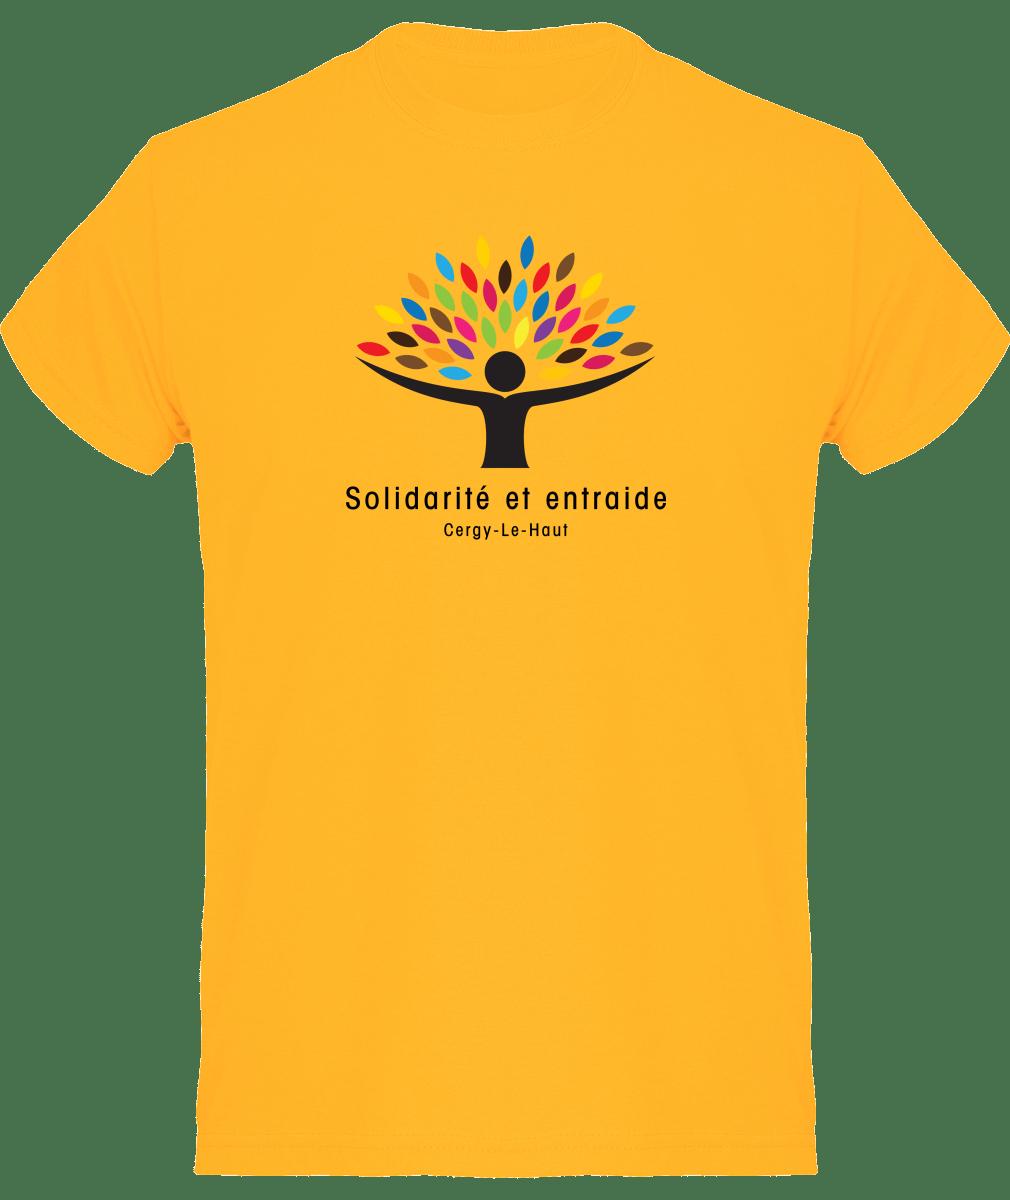 sunflower-yellow_face